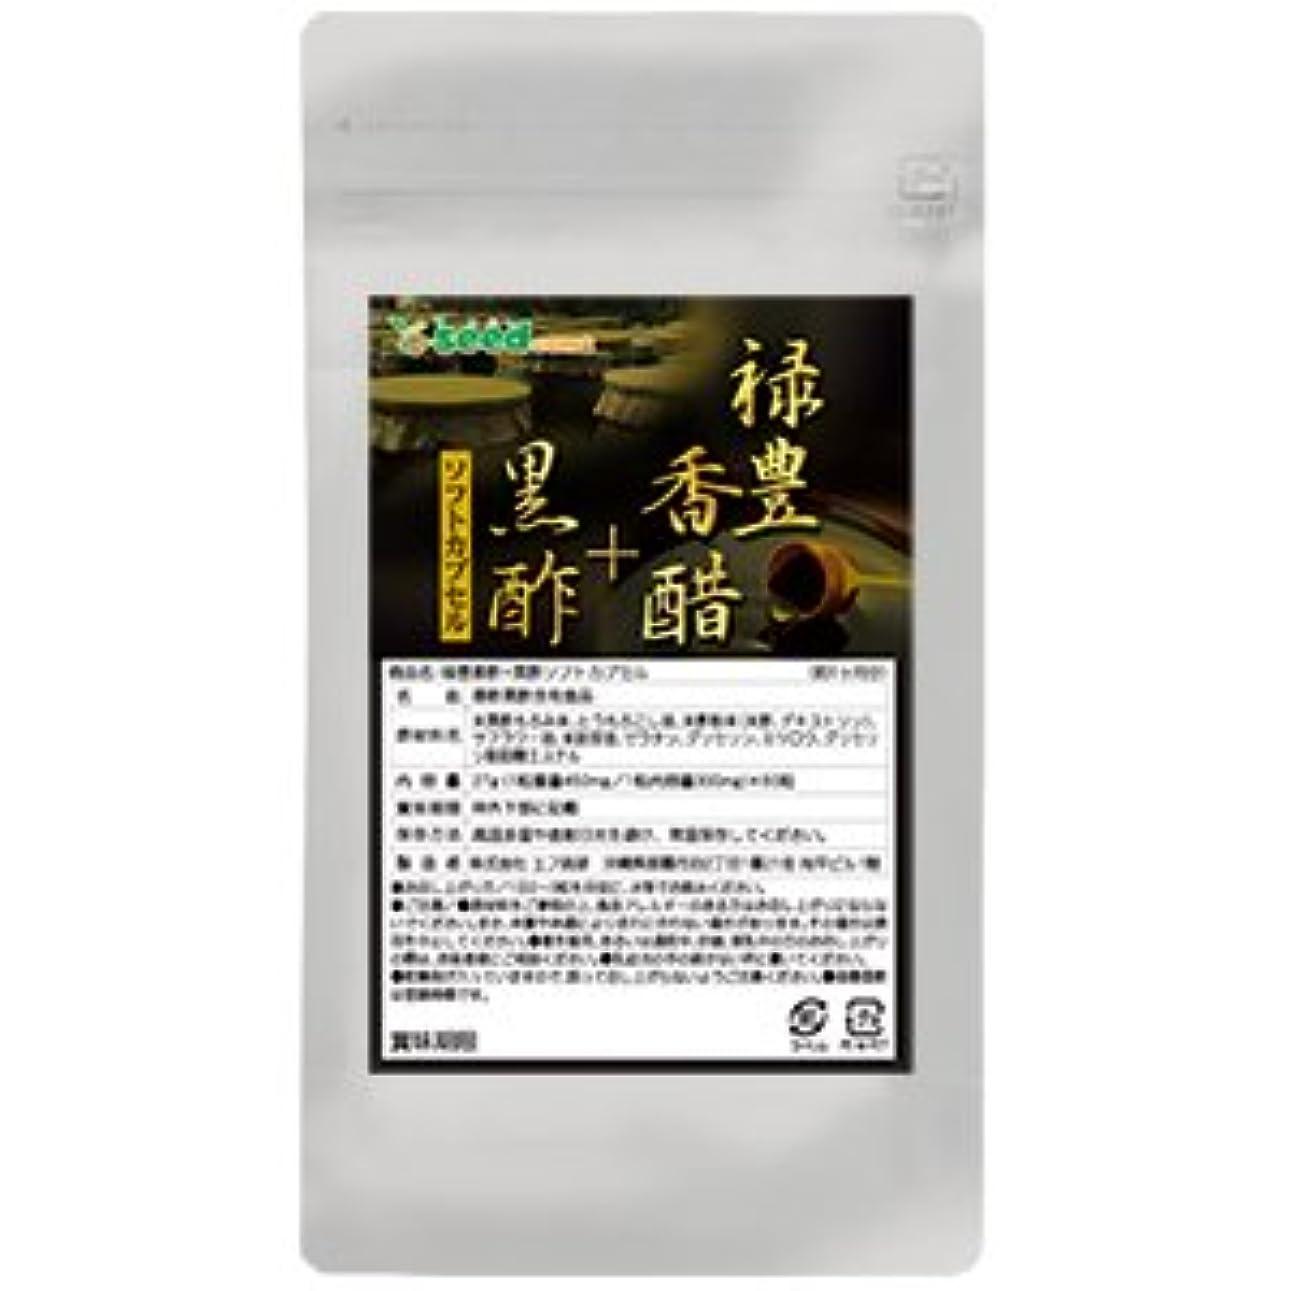 祈るホール合理的禄豊 香酢 + 黒酢 ソフトカプセル (約3ヶ月分/180粒)